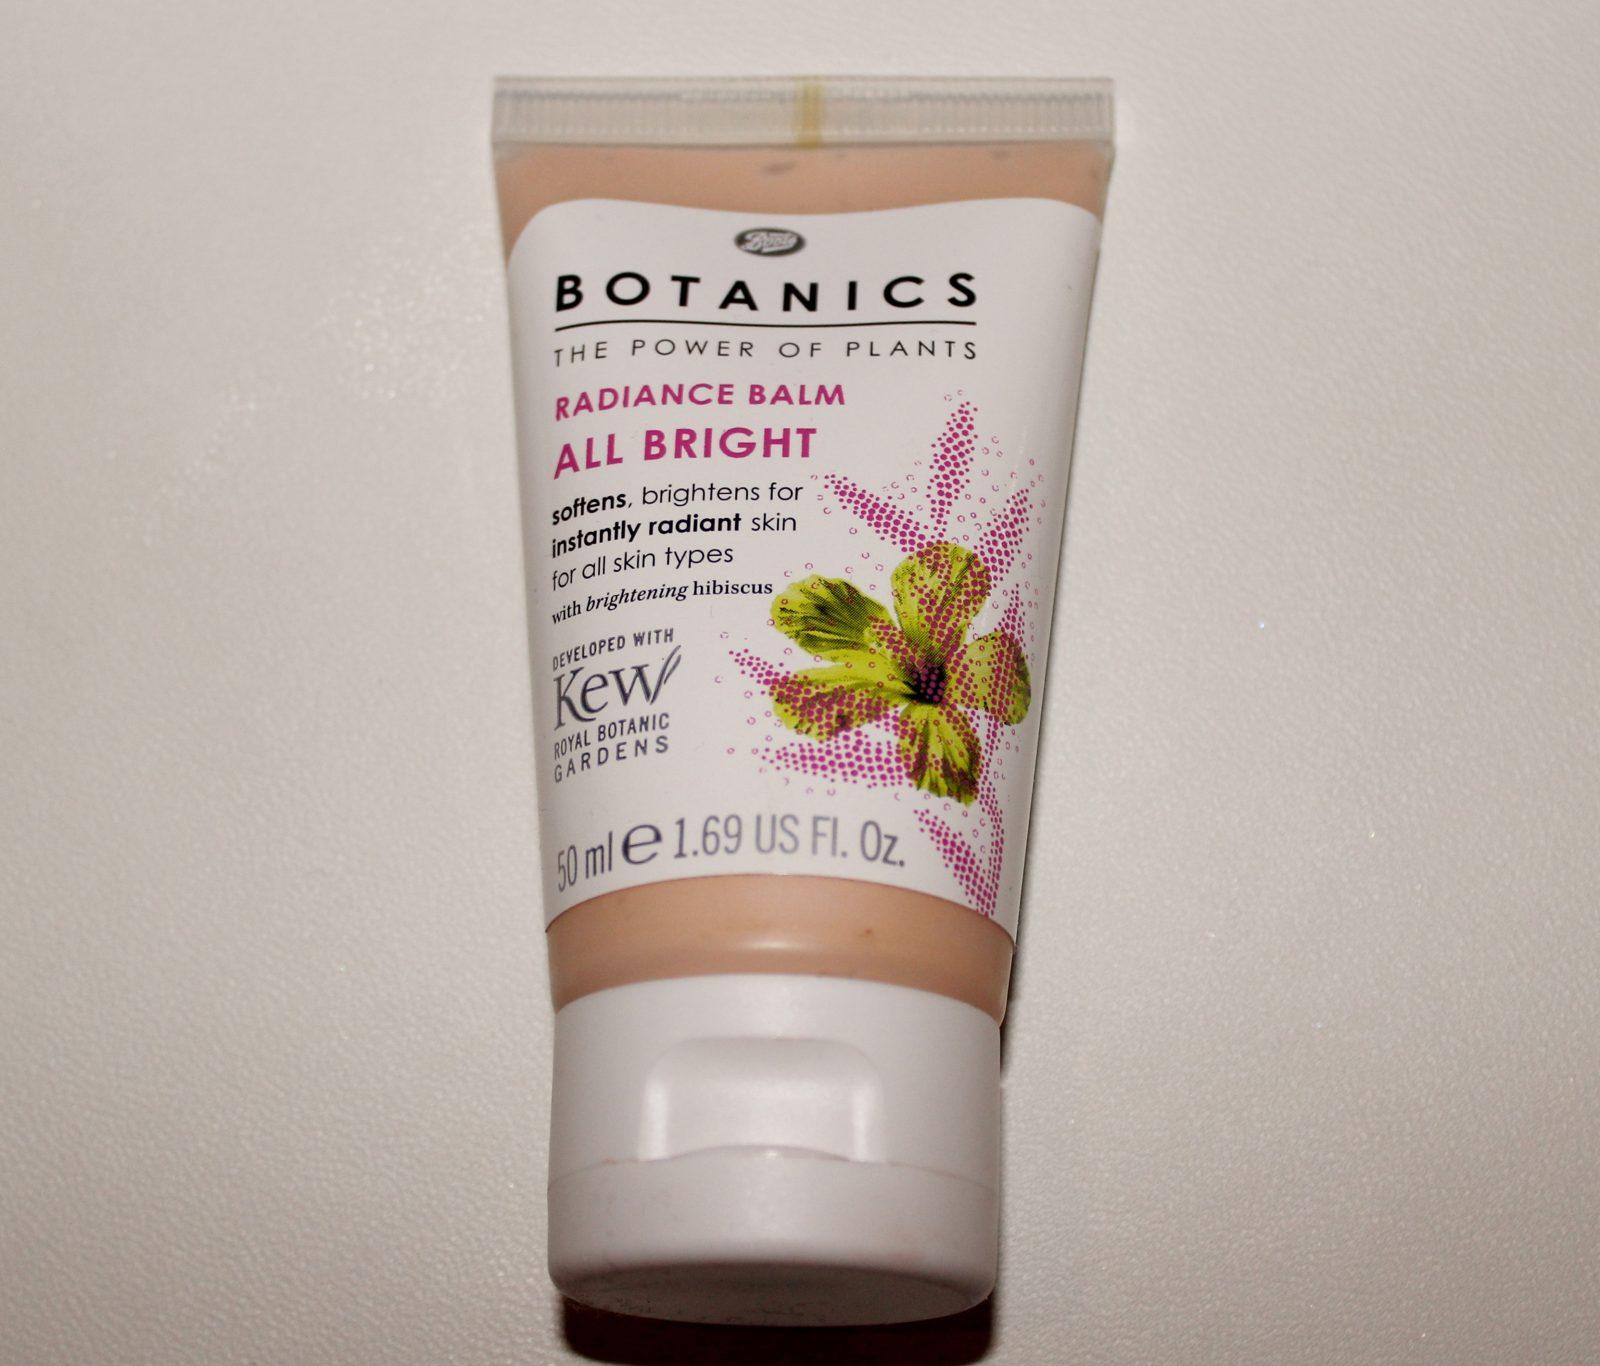 Botanics Radiance Balm